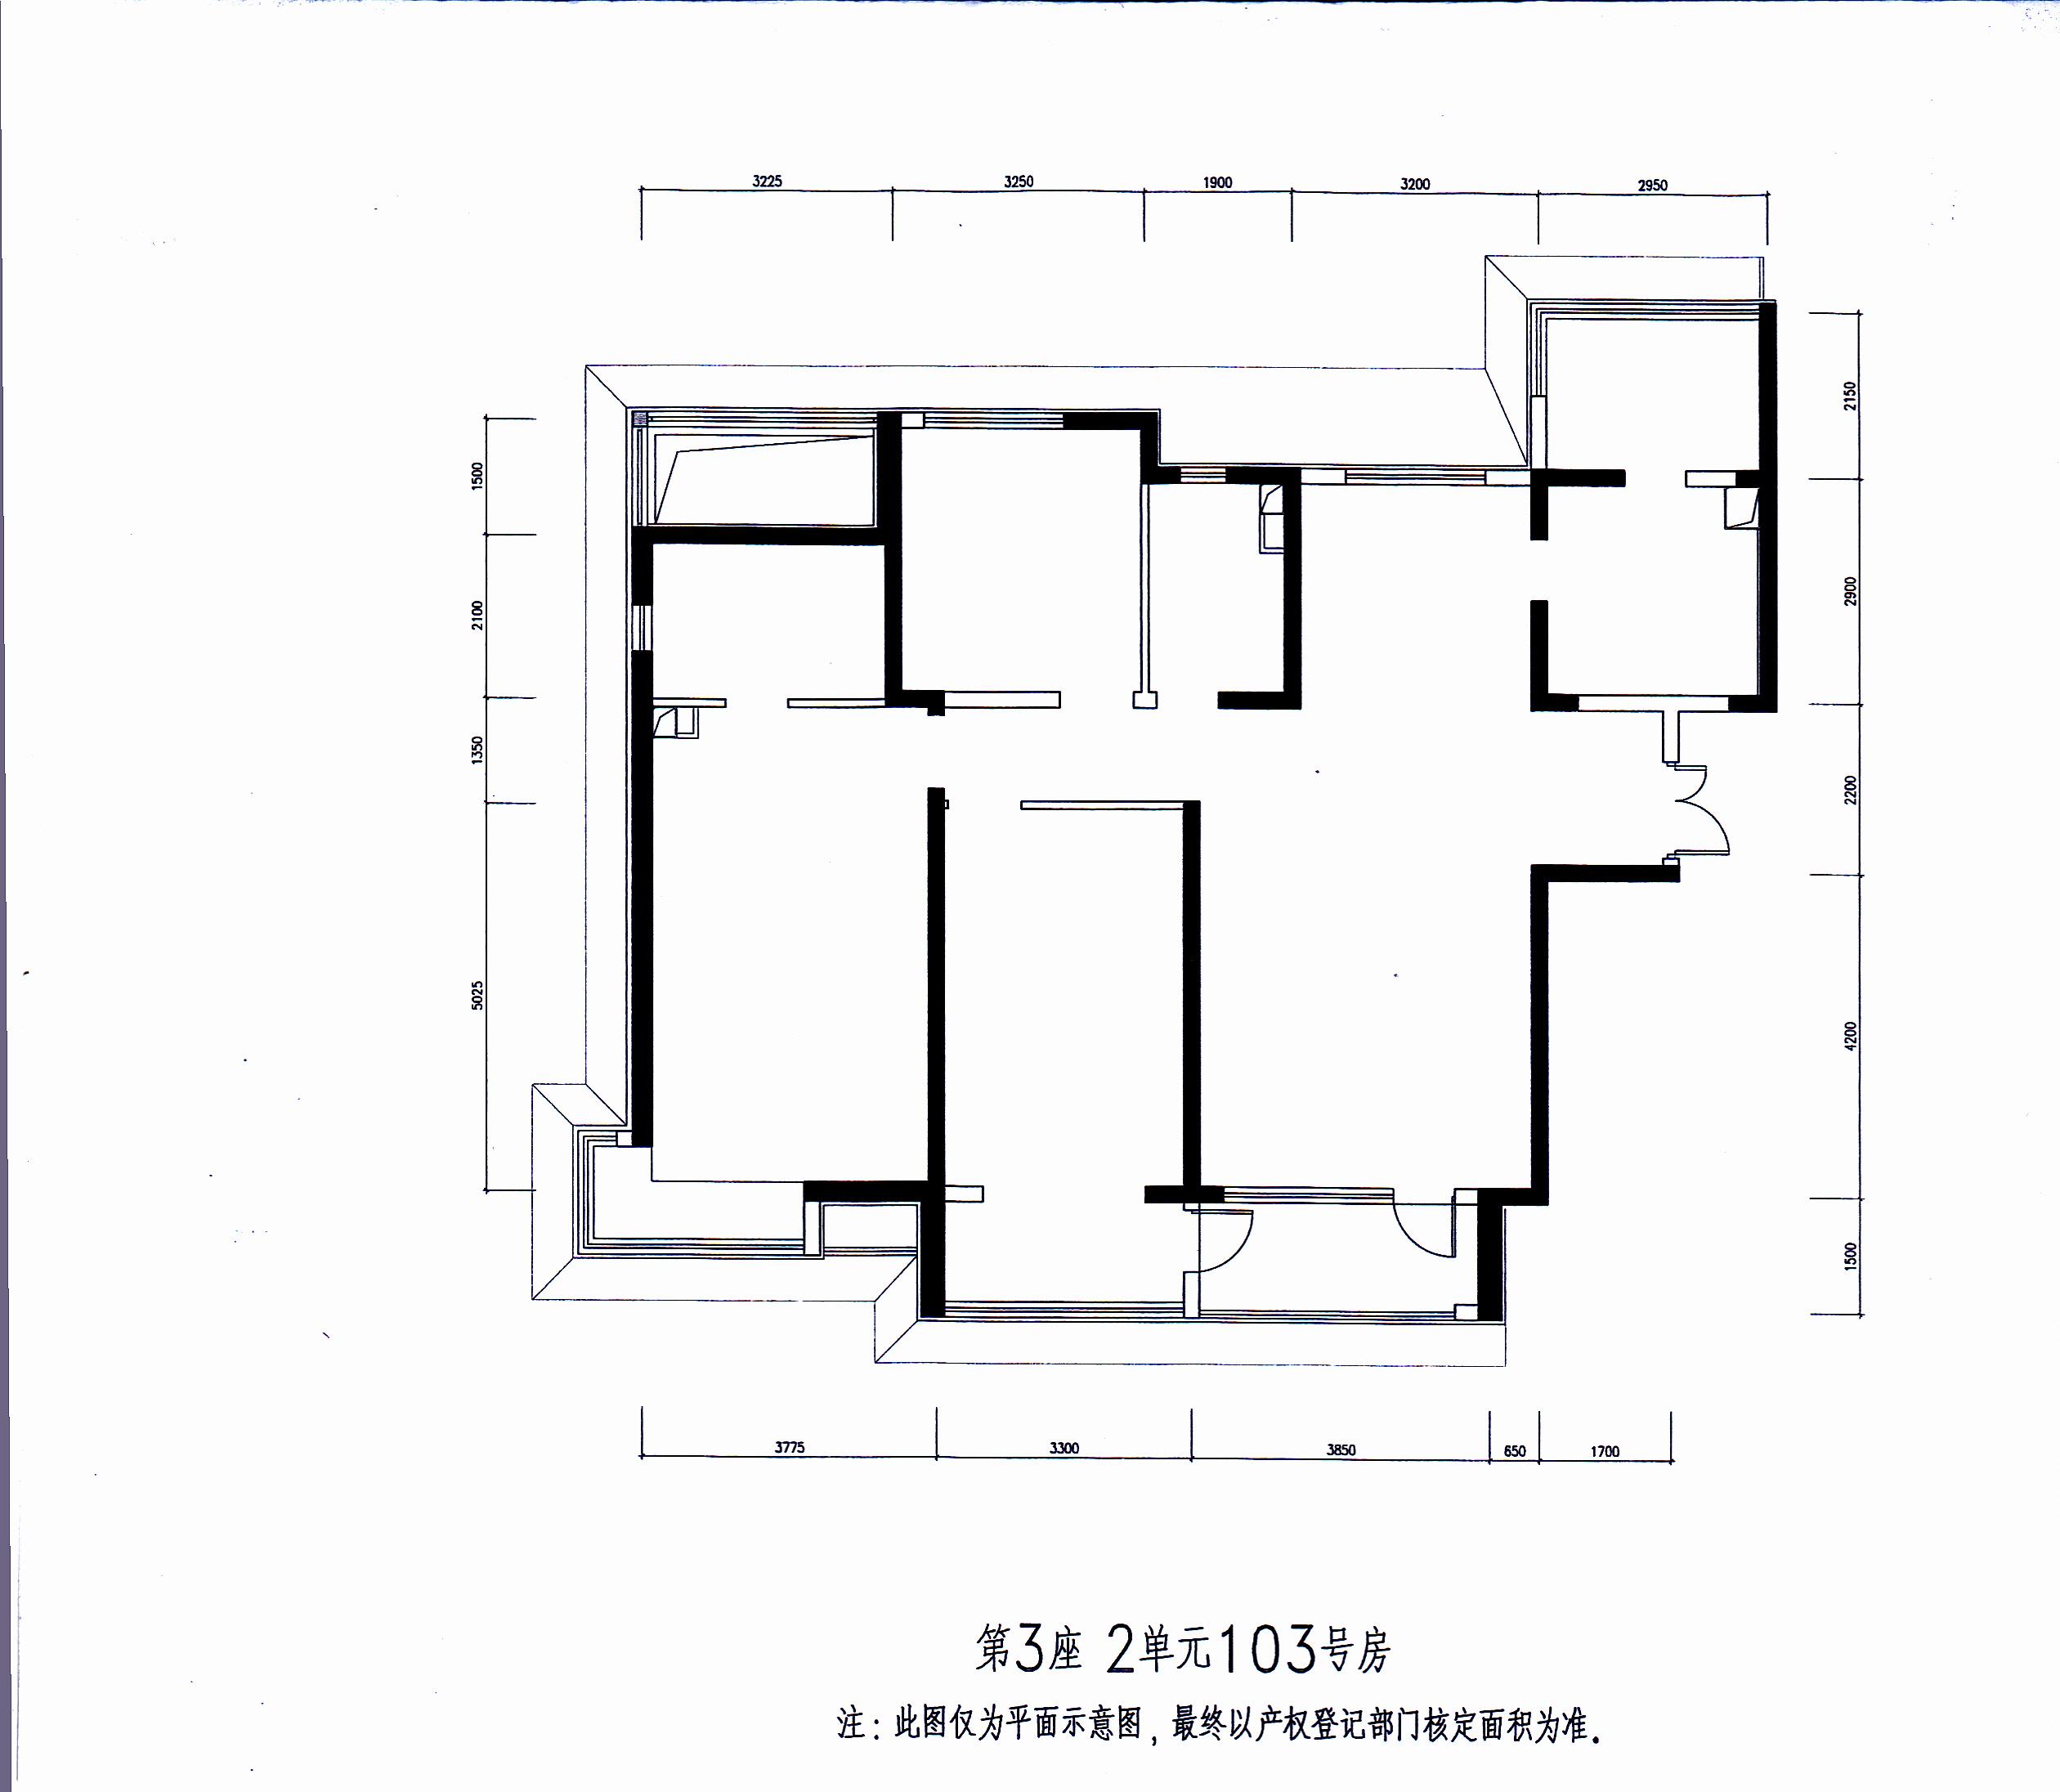 三室两厅两卫一厨室内设计图? |新房装修|天工问答